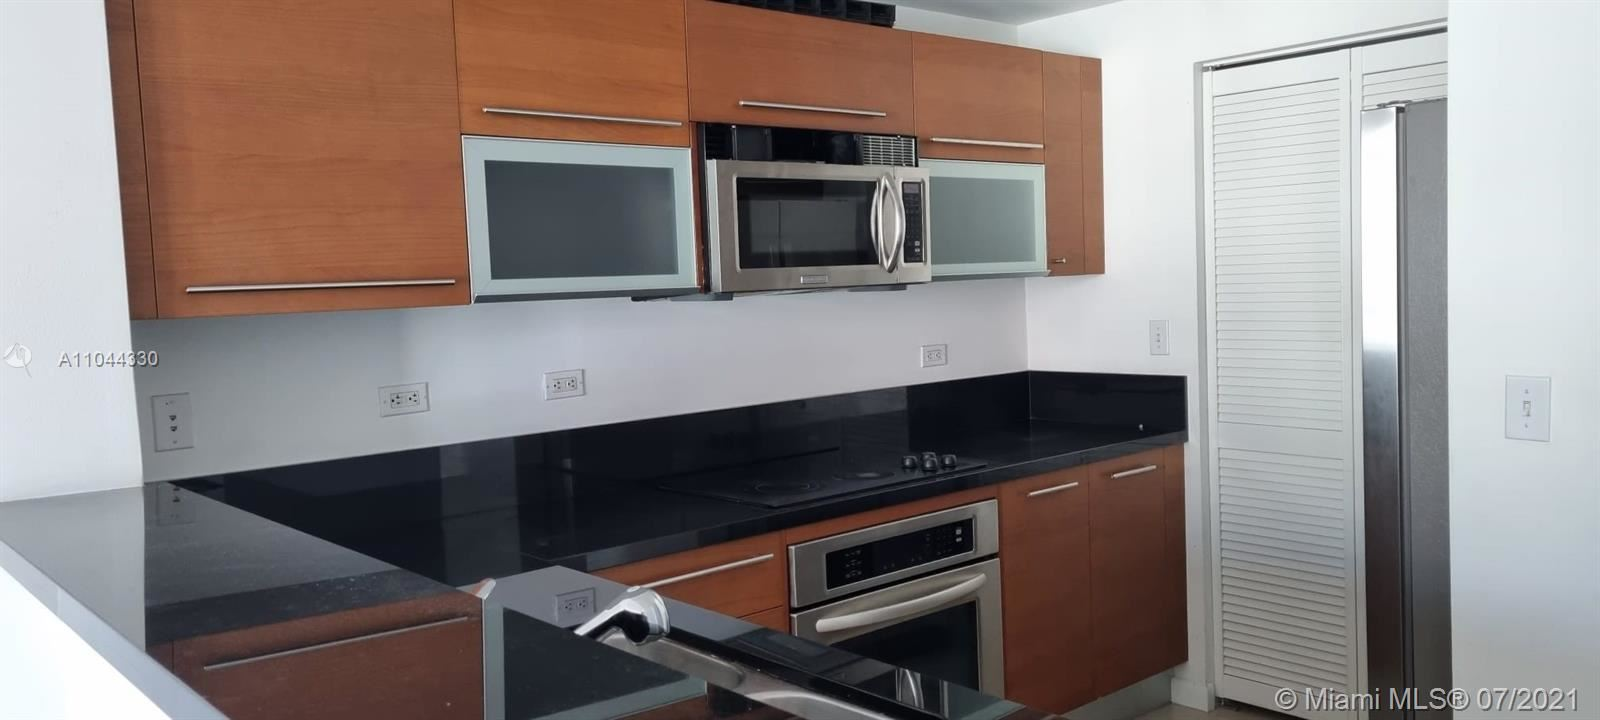 244 Biscayne Blvd #2007, Miami, FL 33132 - #: A11044330